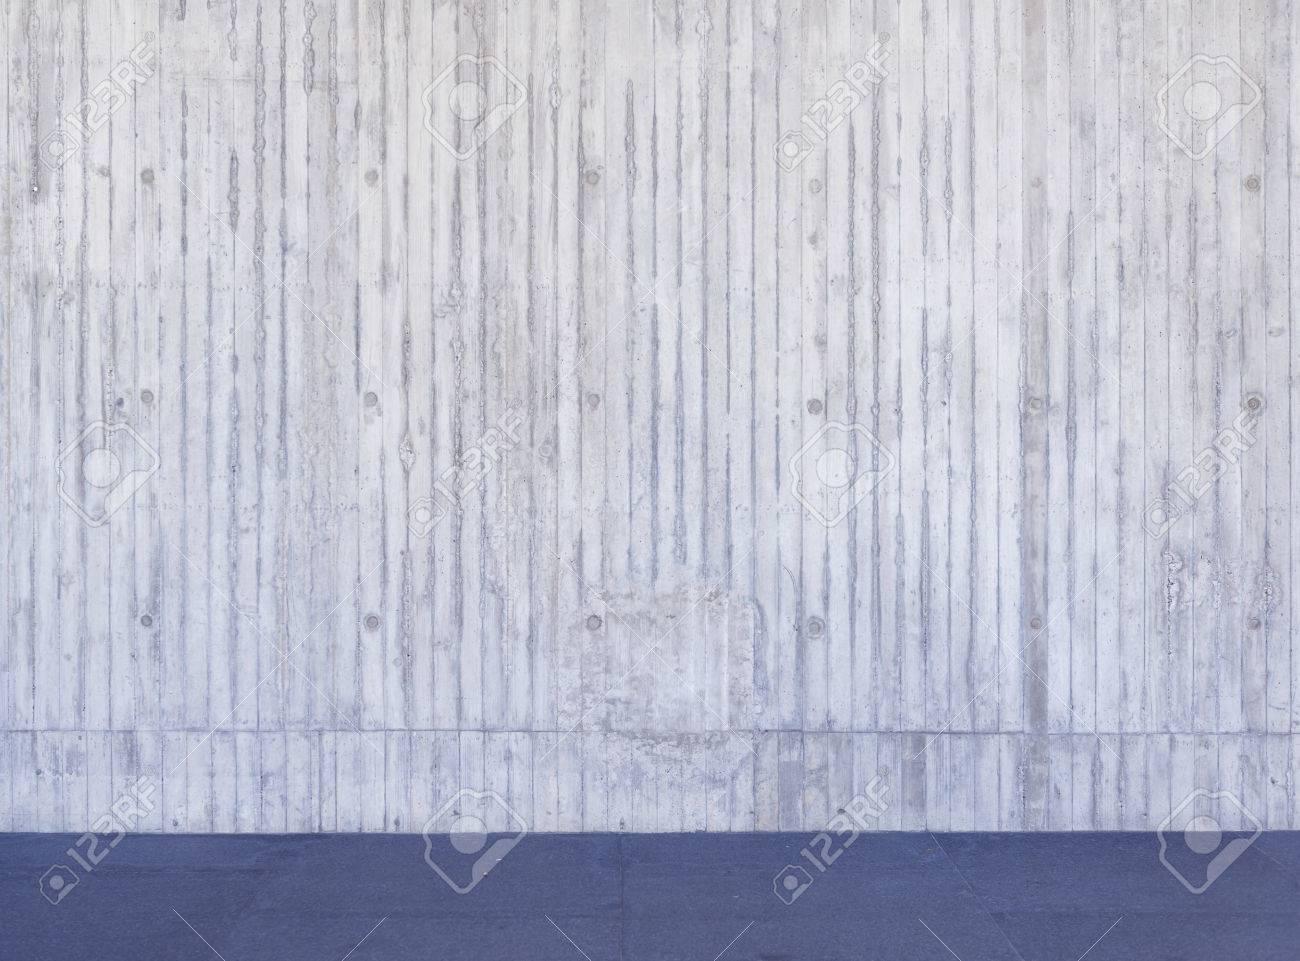 Sichtbetonwand Textur Hintergrund Lizenzfreie Fotos, Bilder Und ...